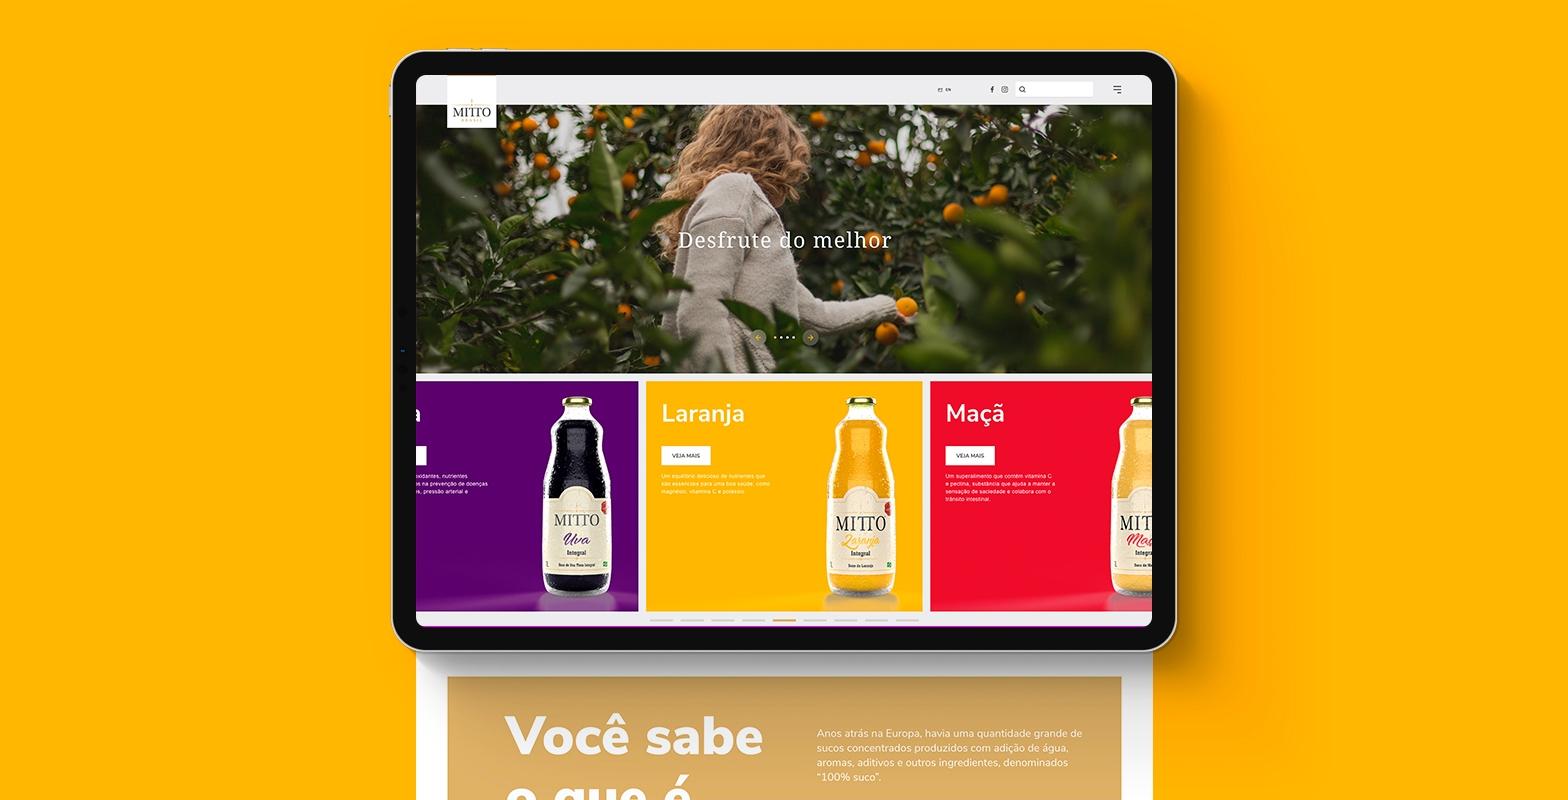 Mitto - Identidade visual e Branding (6)